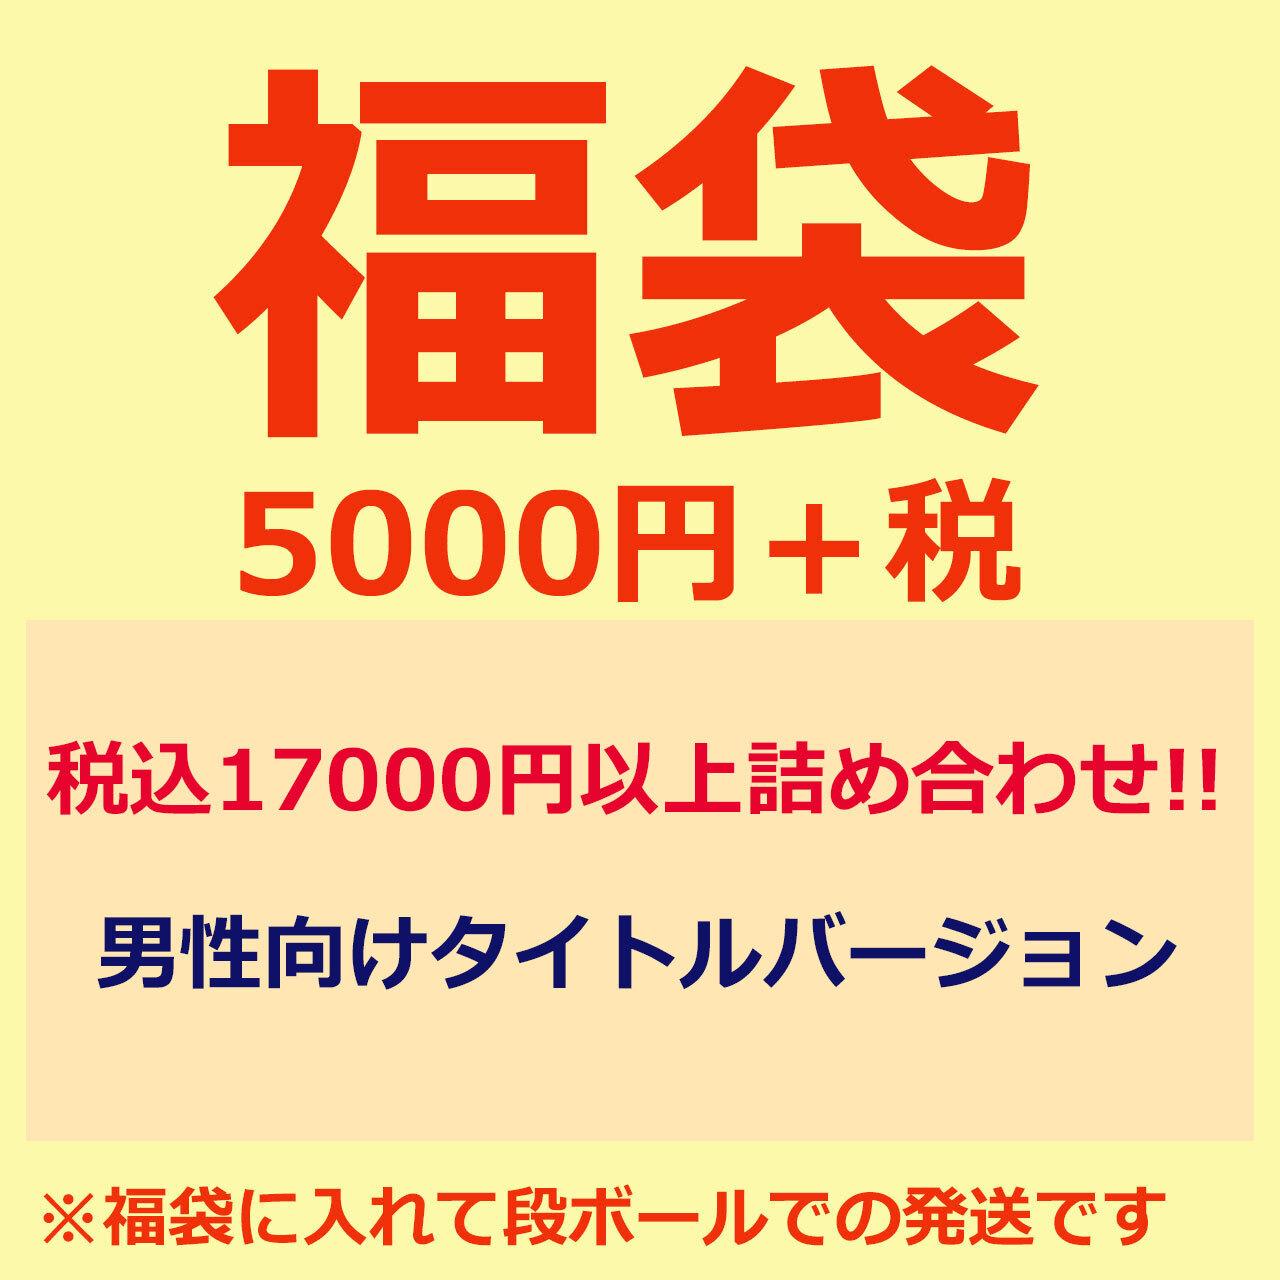 【5500円】アニメグッズ福袋 2021決算セール 男性向け